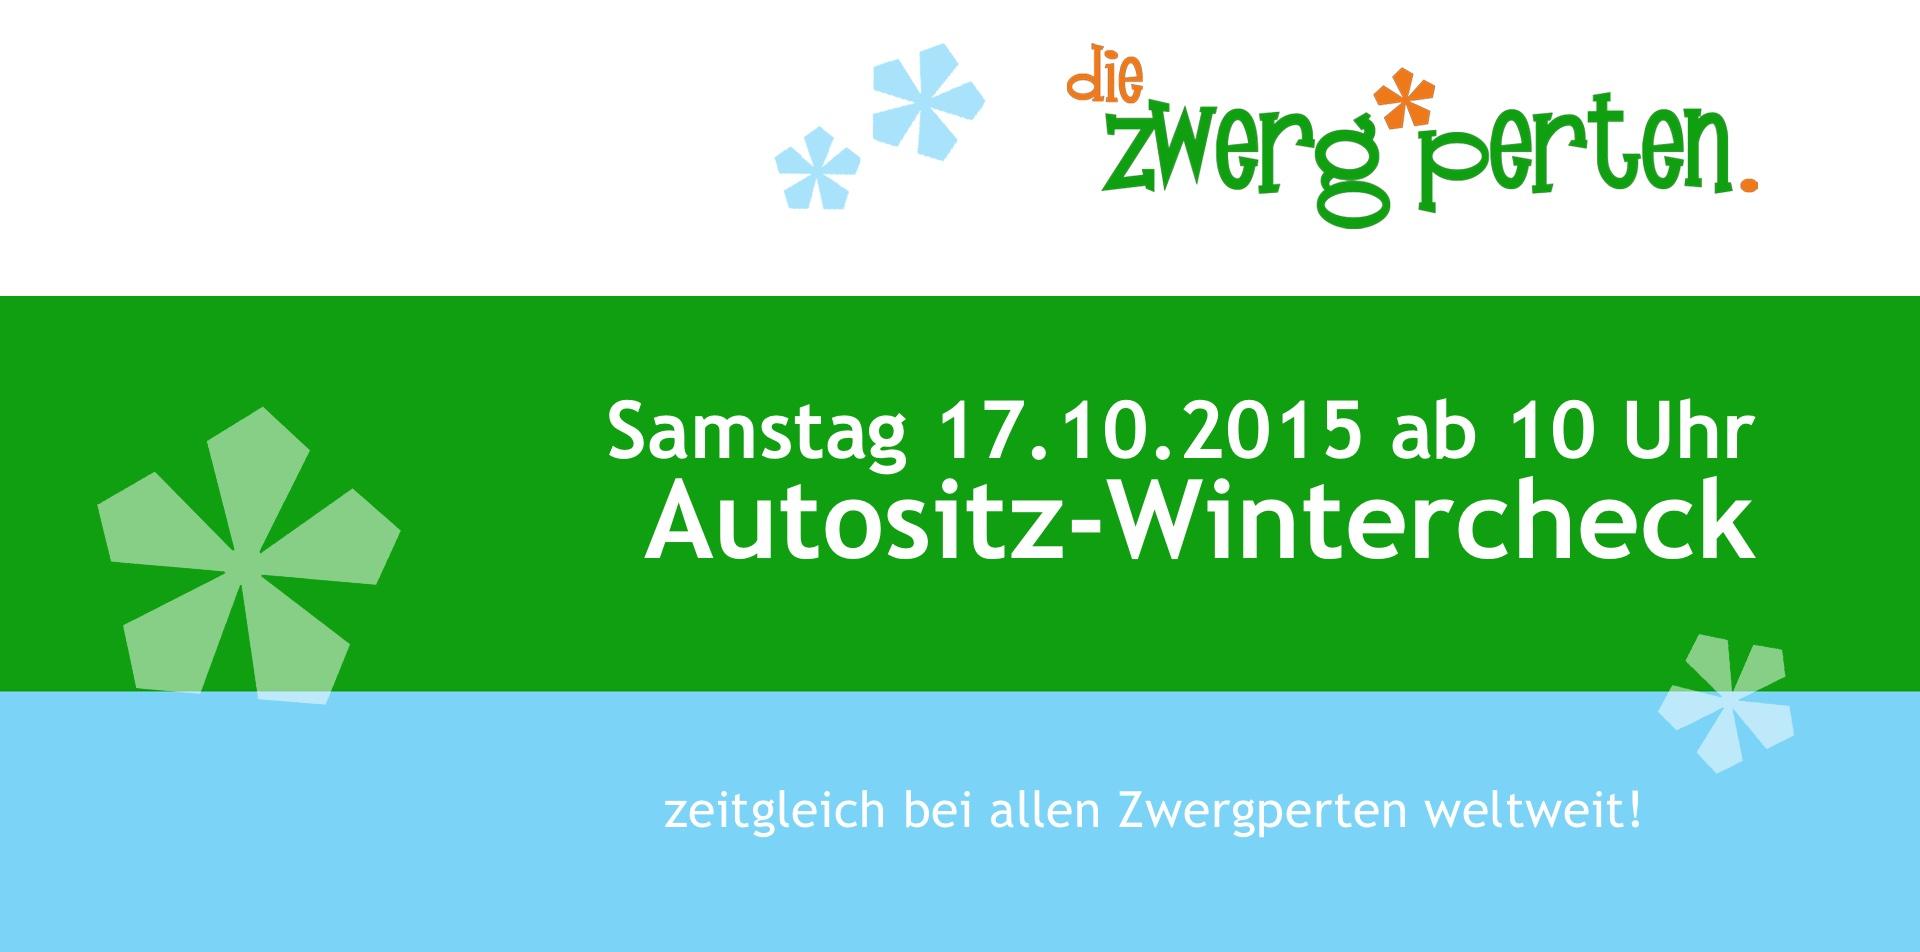 Zwergperten-Wintercheck - Sicherheit für Euren Kindersitz!